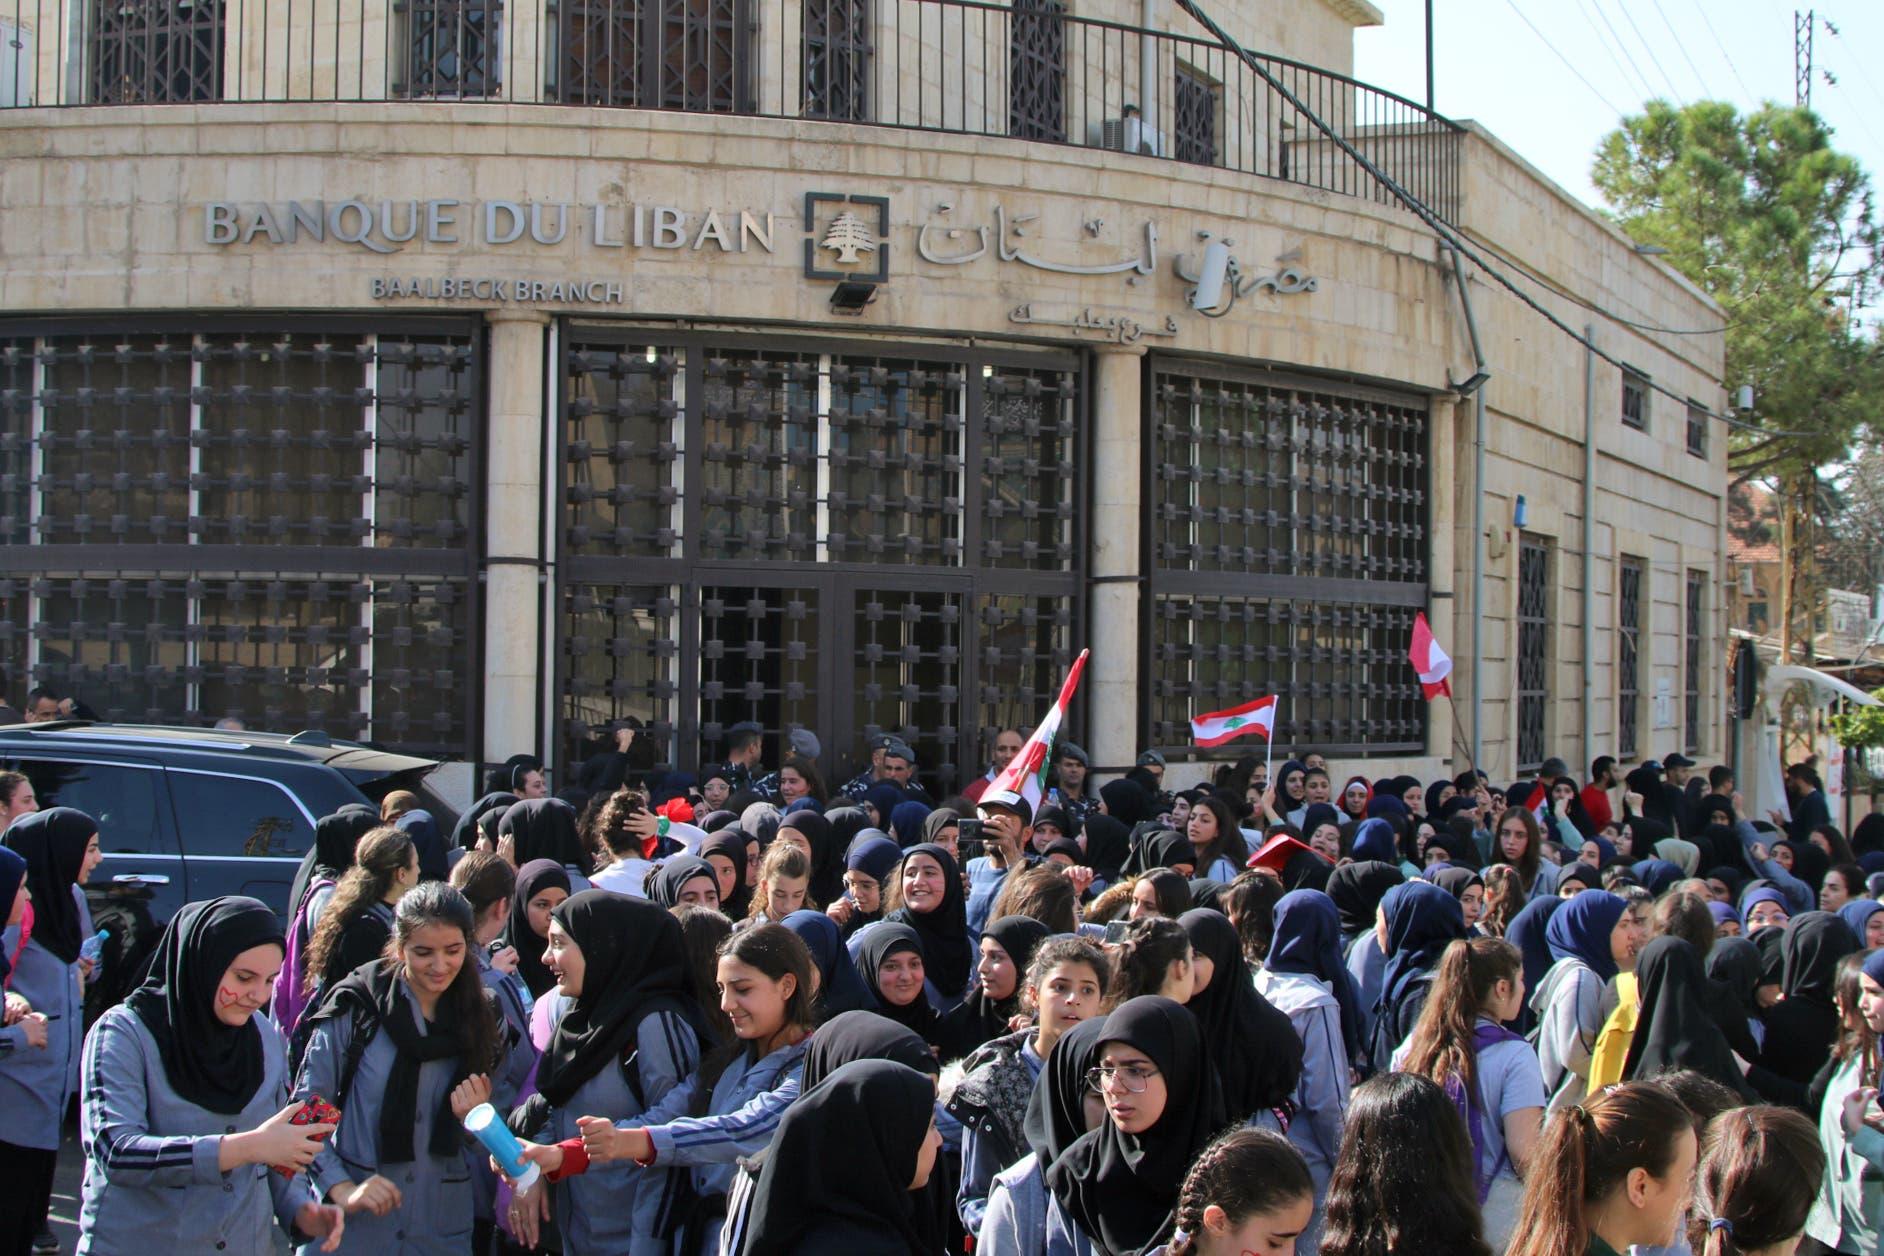 من التظاهرات الطلابية في لبنان(7 نوفمبر- فرانس برس)